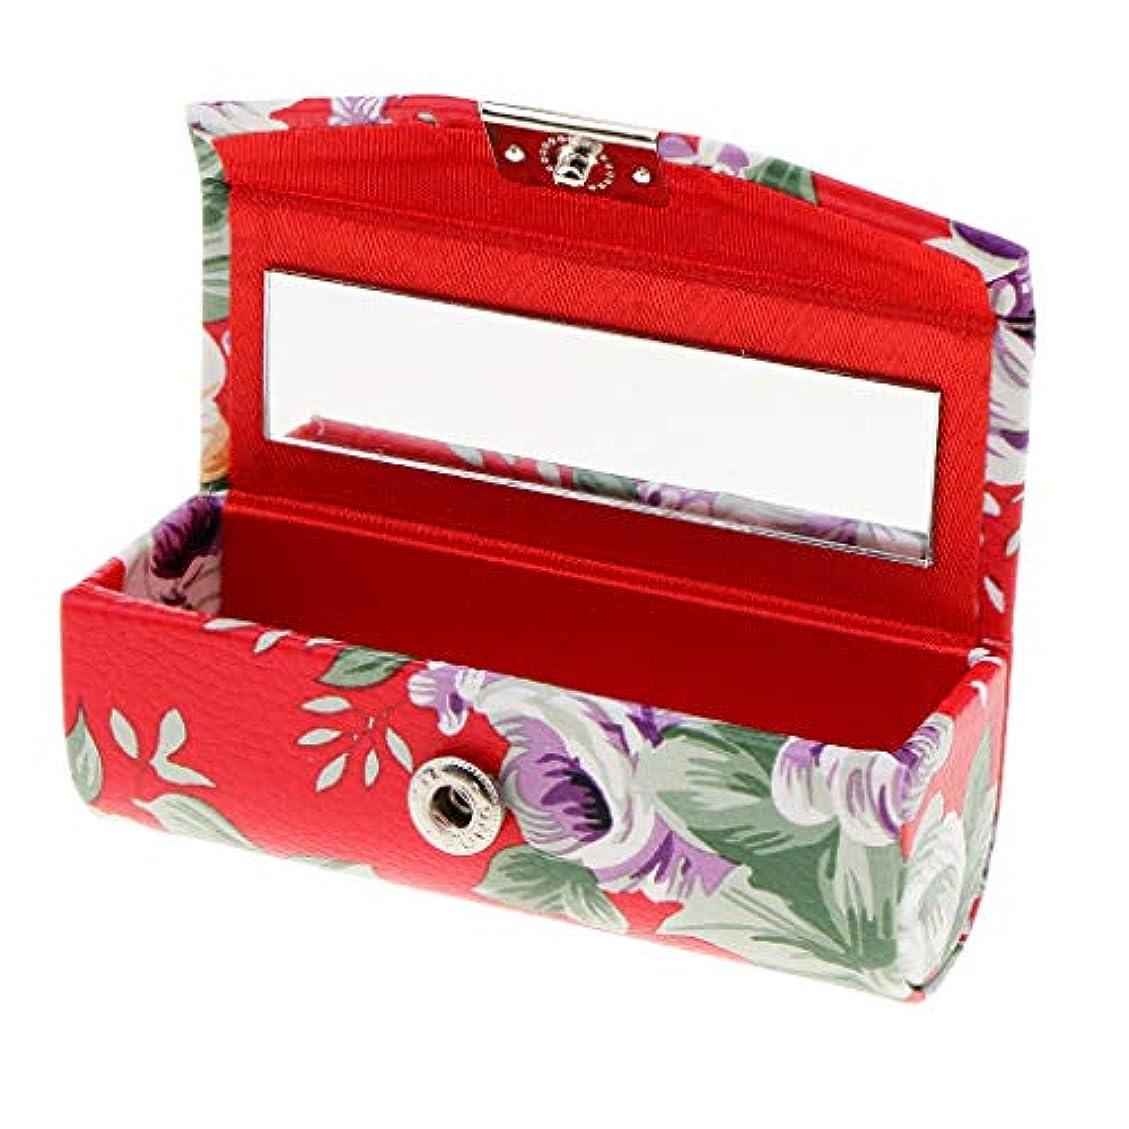 アンペア成果苦悩リップスティックケース ミラー付き 革製 宝石 メイクアップ 口紅 メイクアップ 収納ホルダー 5色選べ - 赤